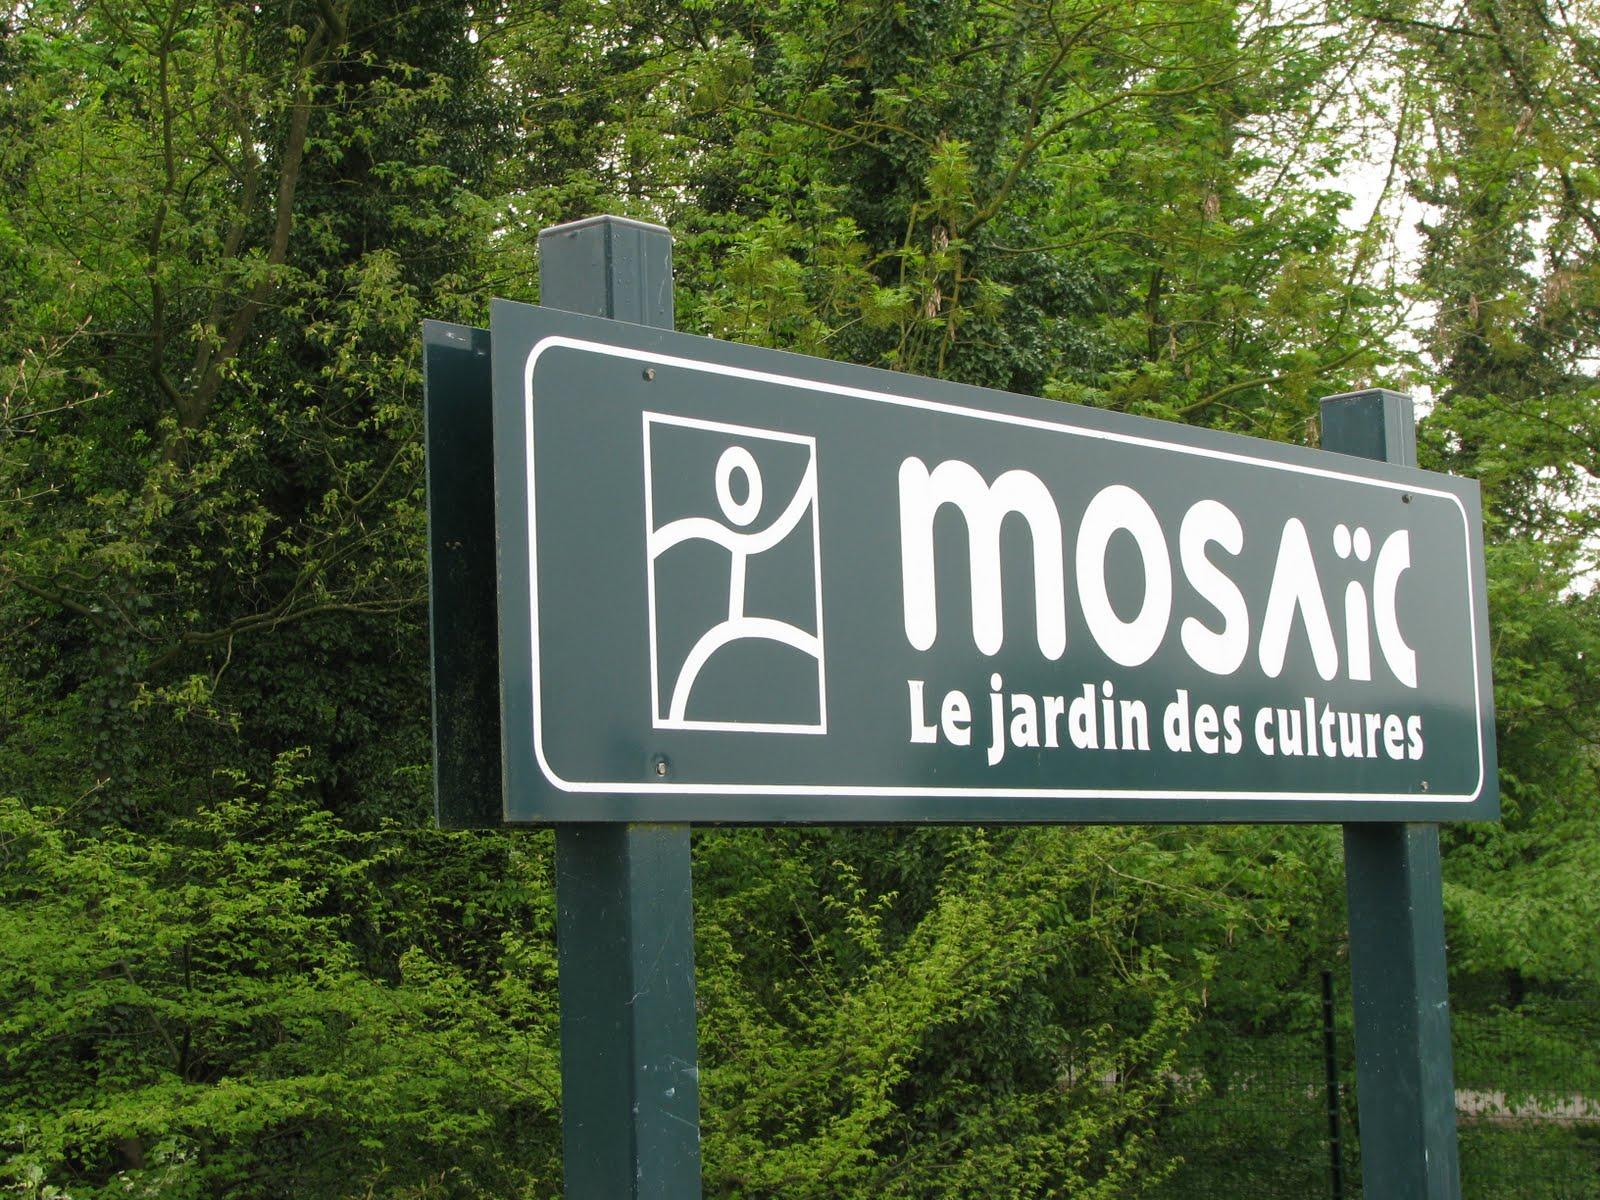 bnq 39 s adventures mosaic parc le jardin des cultures. Black Bedroom Furniture Sets. Home Design Ideas